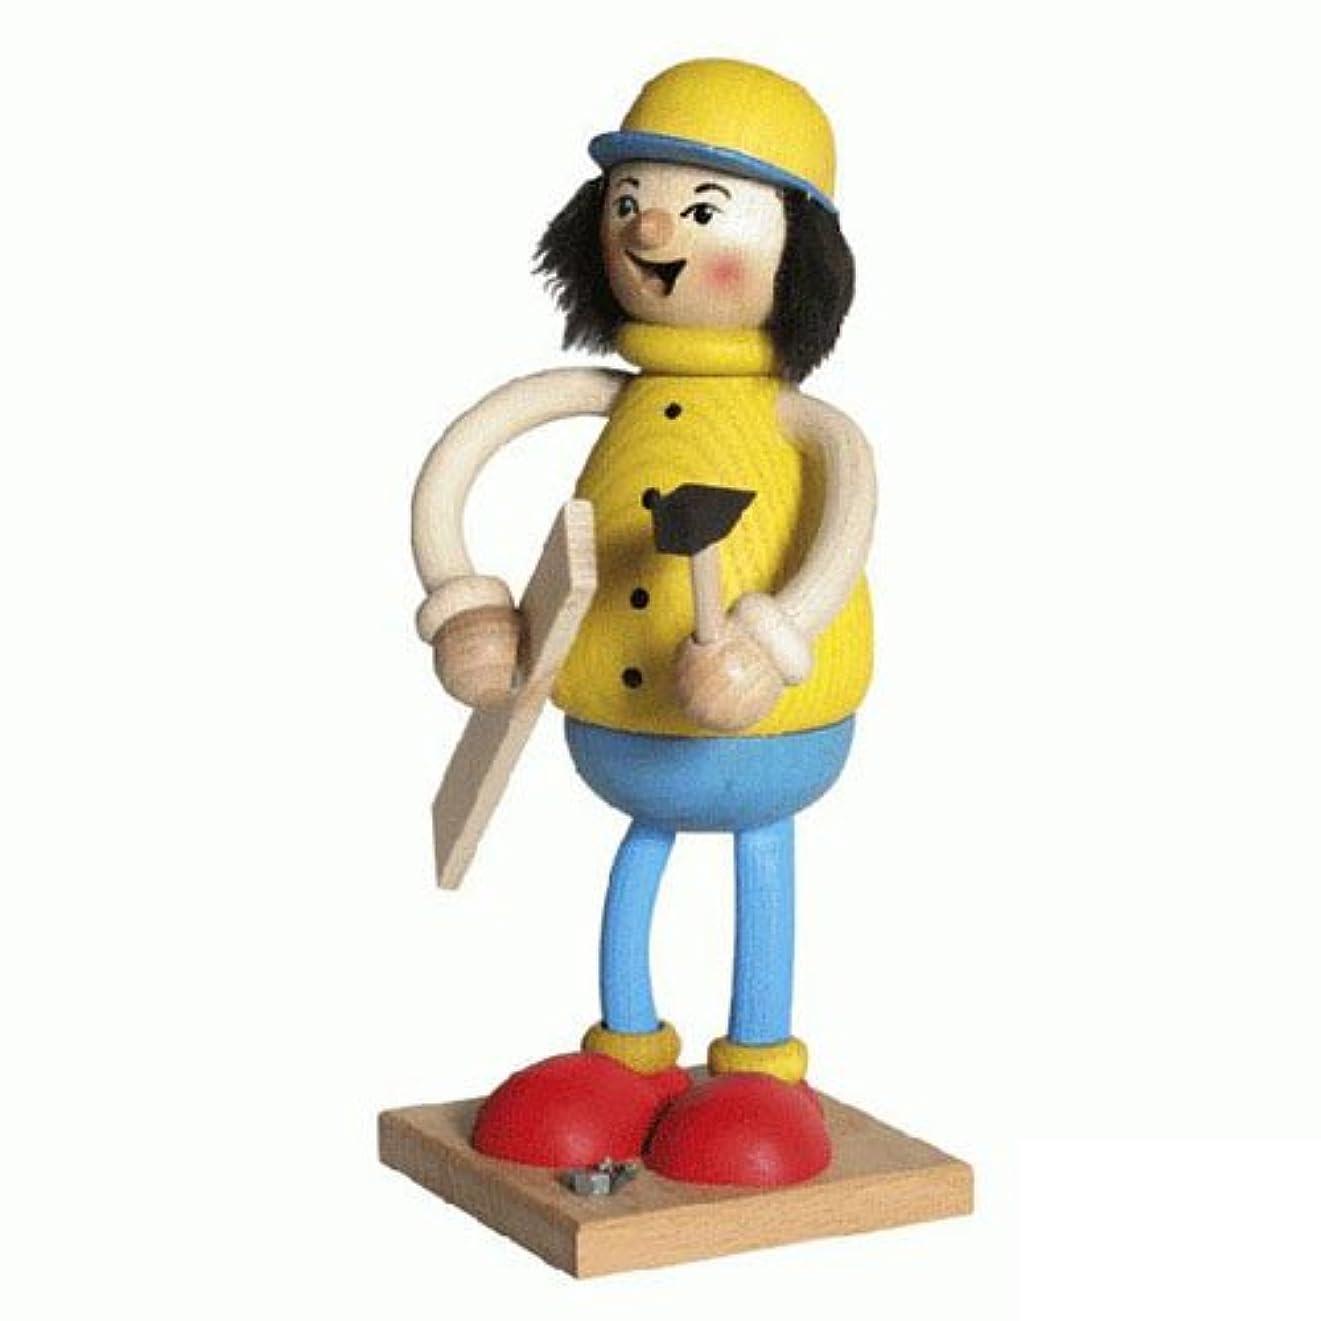 フィードバックディレイ湿気の多い39096 Kuhnert(クーネルト) ミニパイプ人形香炉 DIY